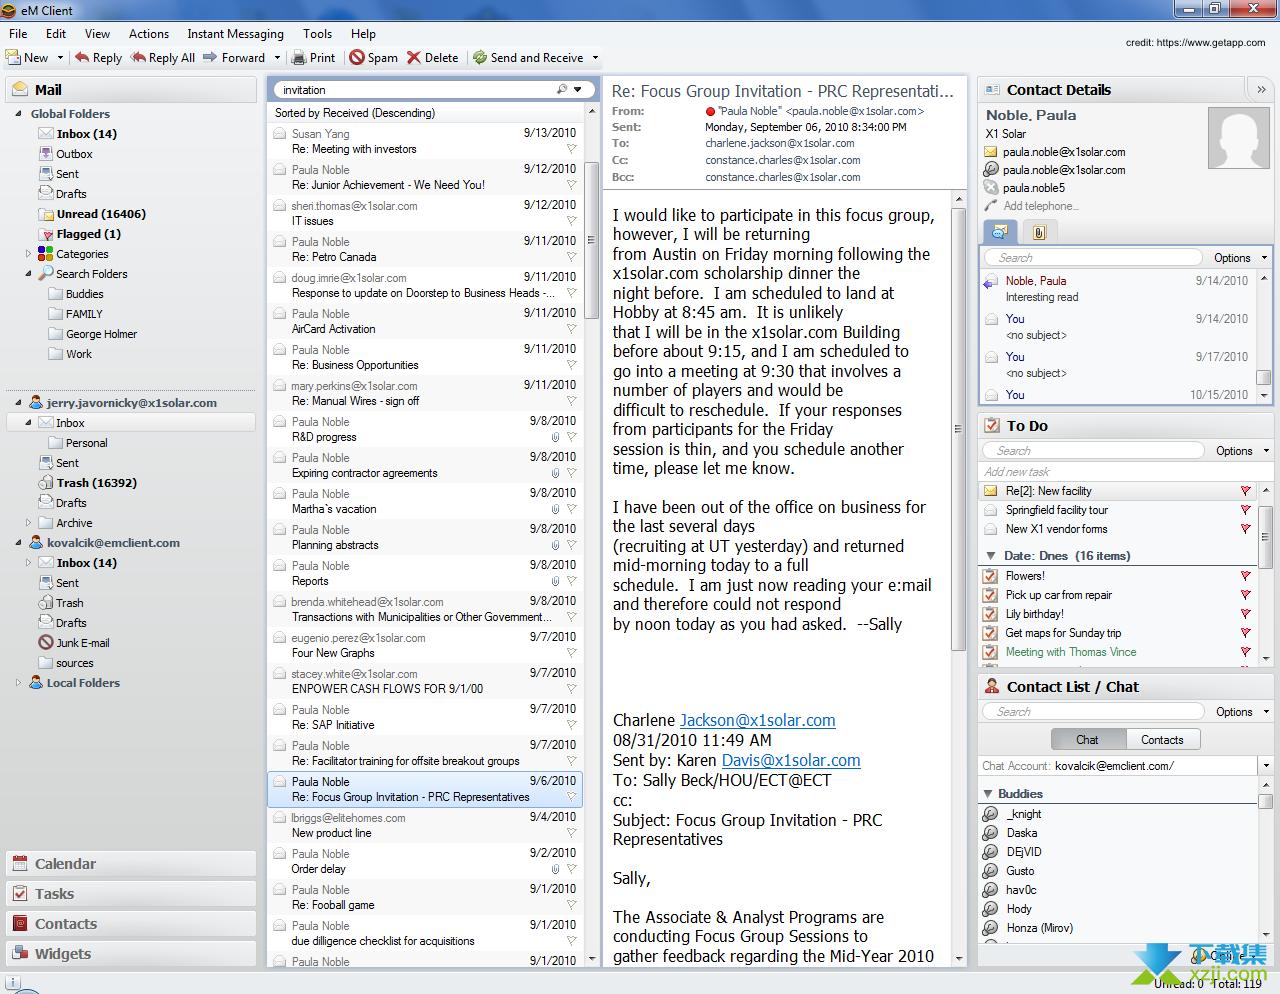 eM Client Pro界面